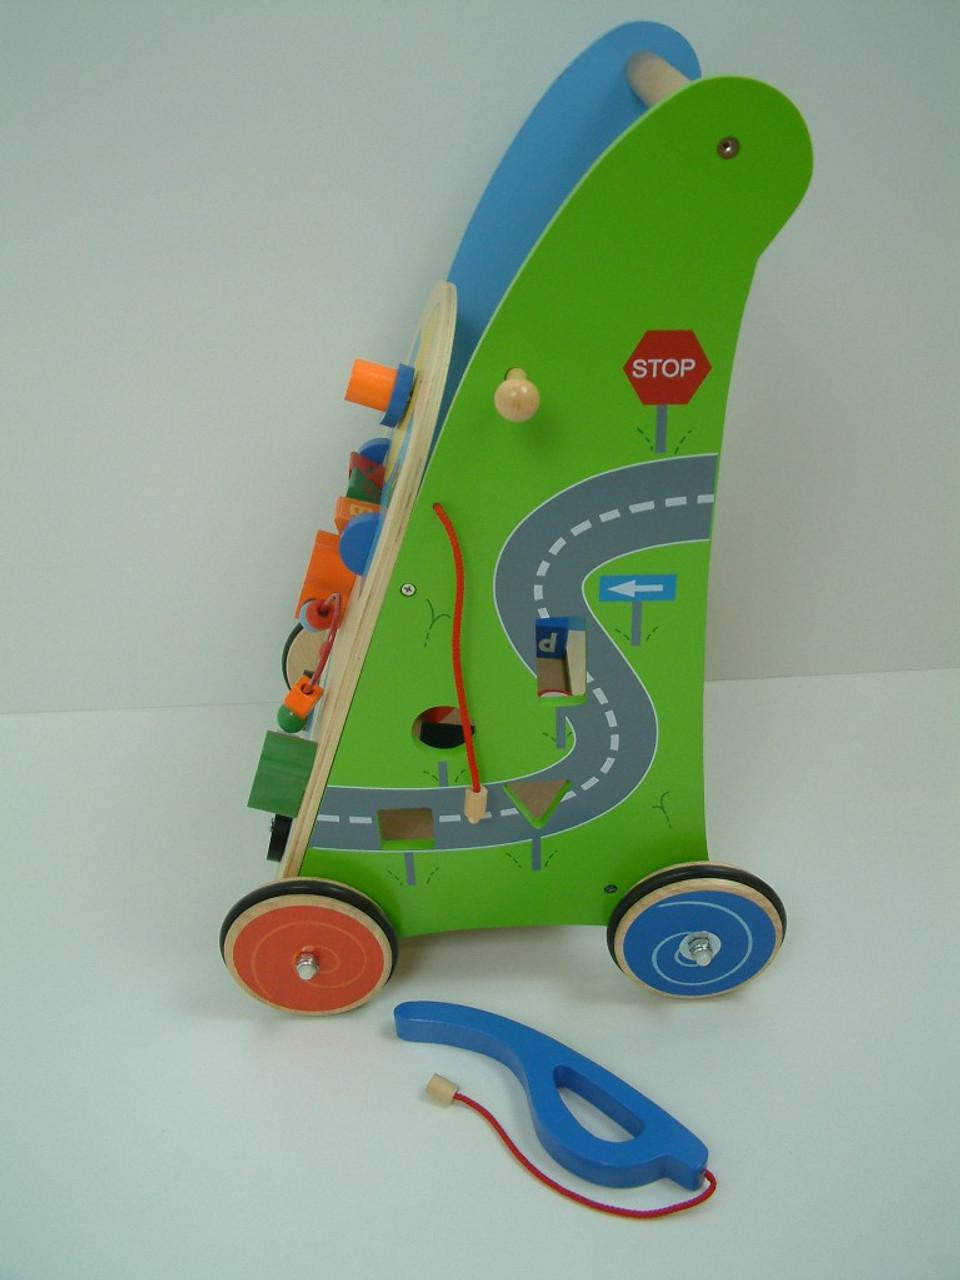 Holzspielzeug Lkw Fahrzeug mit Hupe aus Holz ab 1 Jahr in